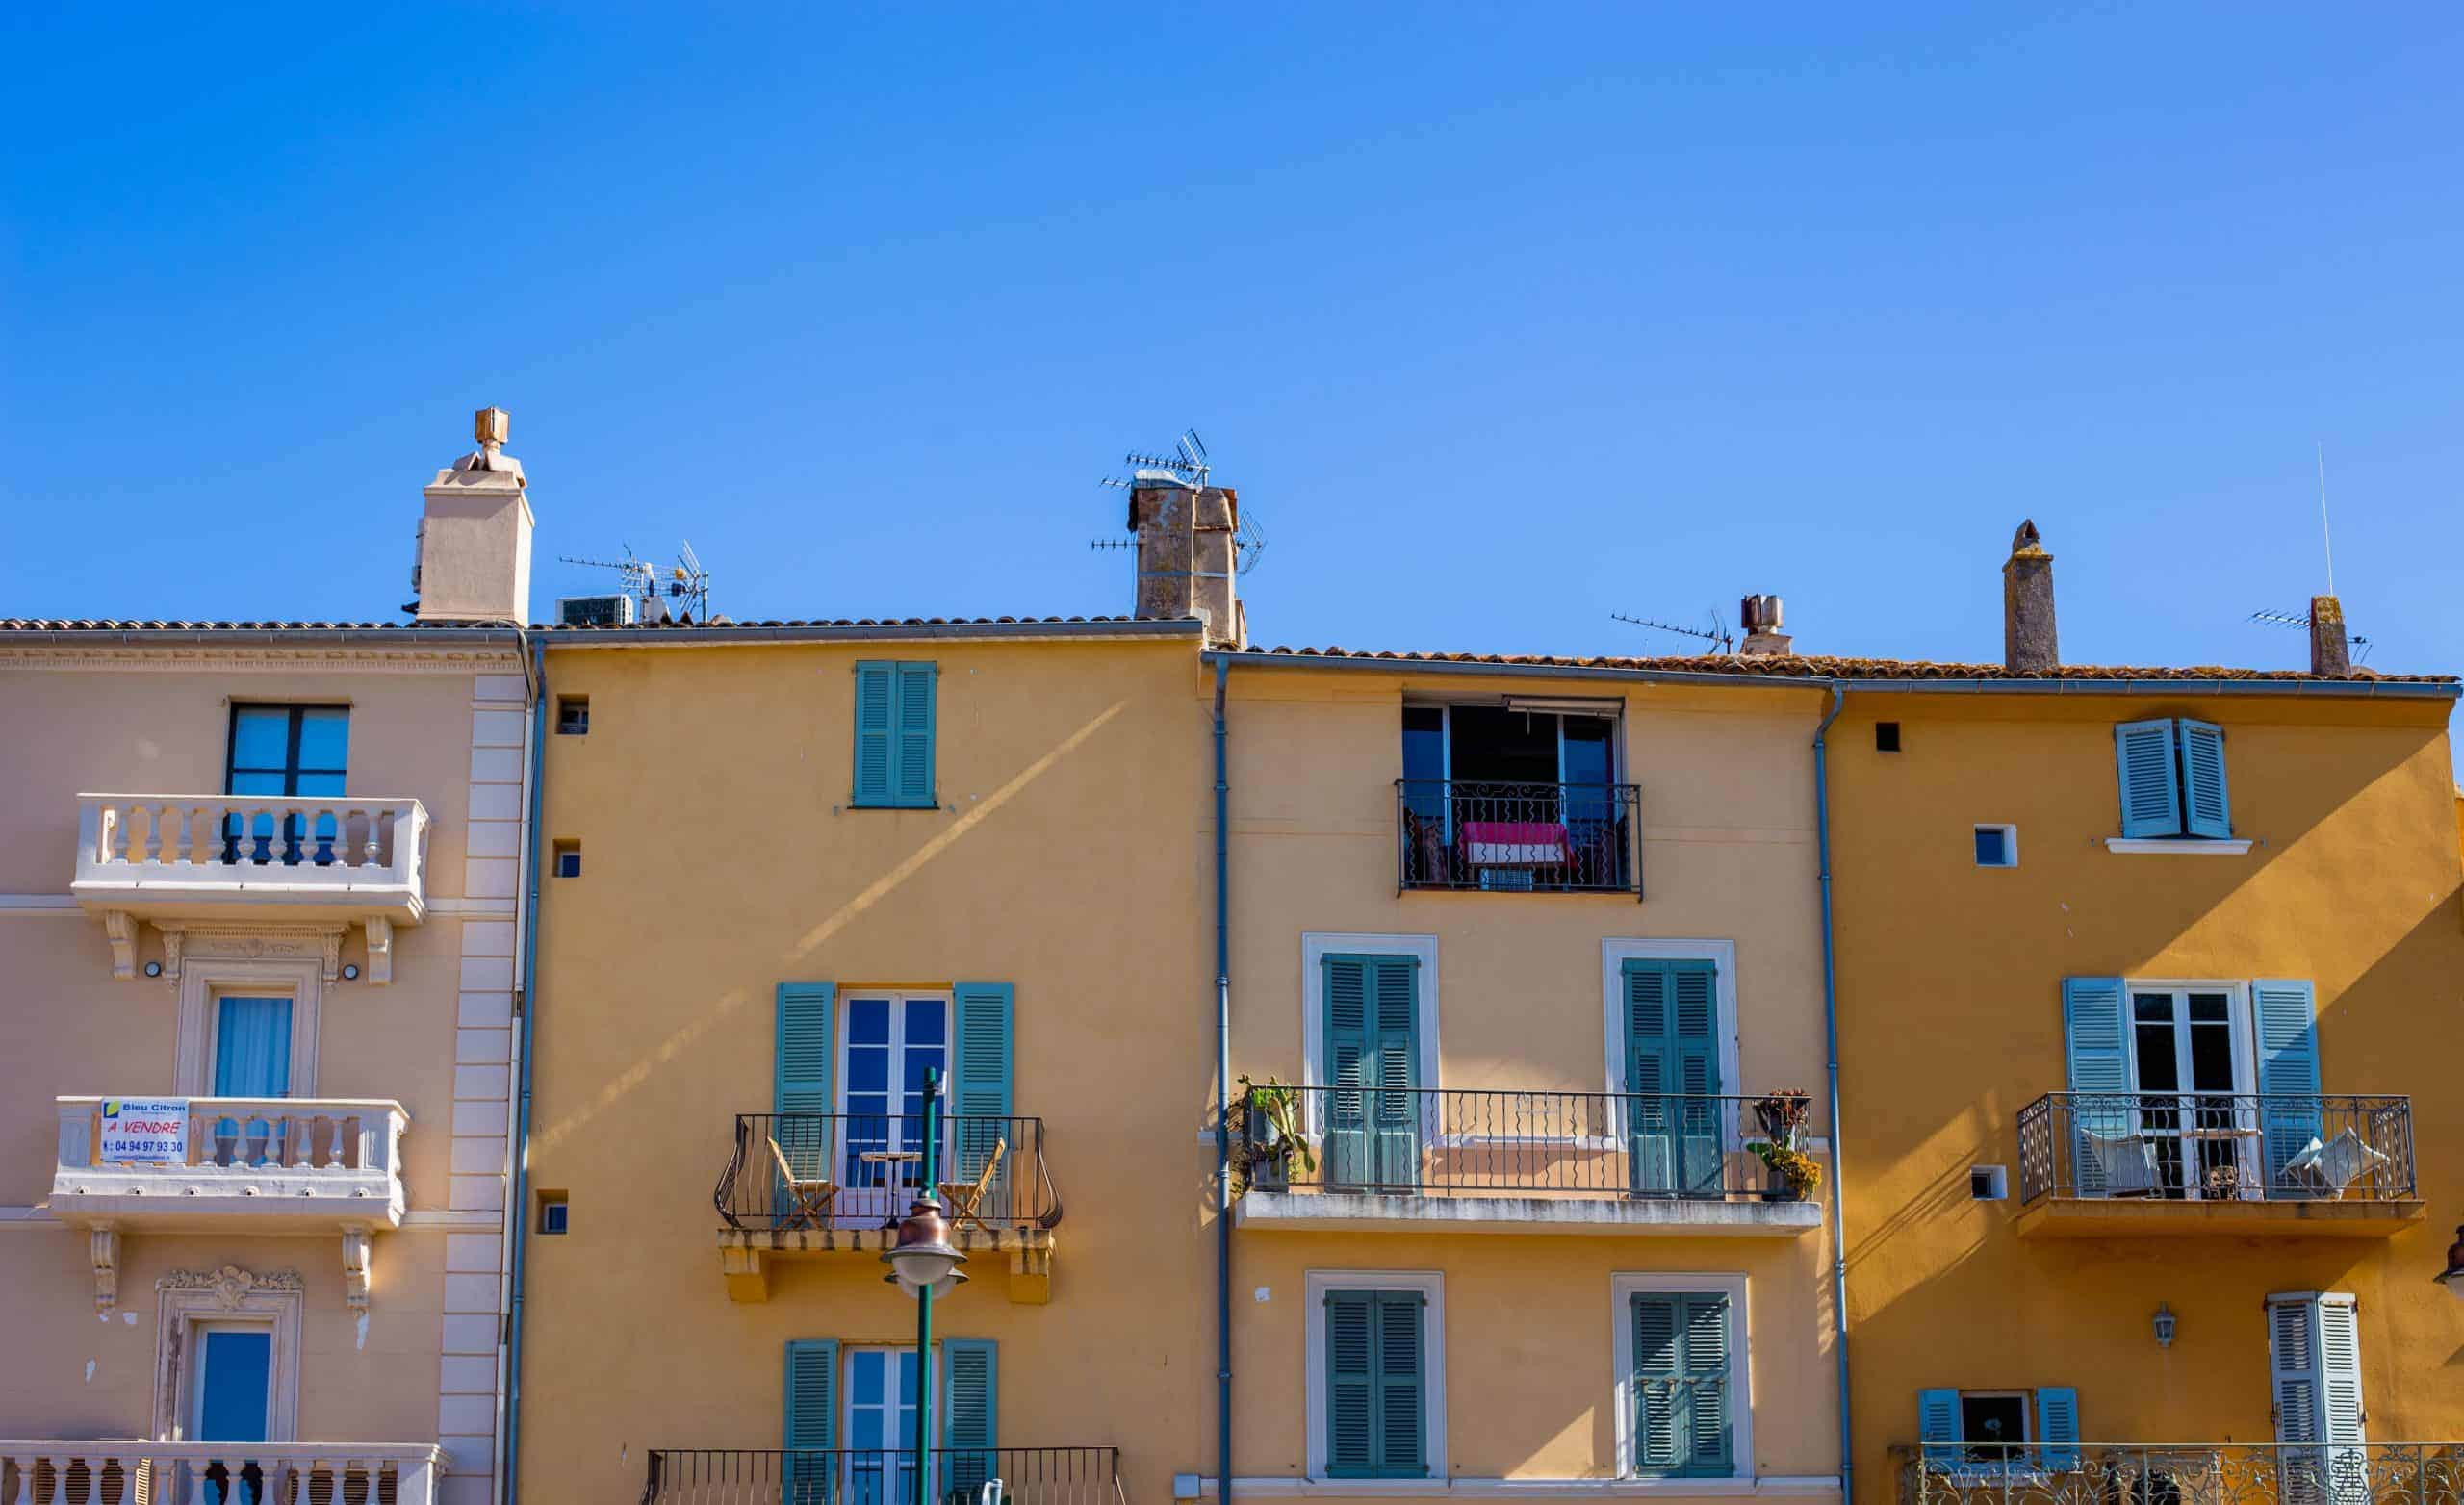 Liste von 3 Wohnimmobilieninvestoren aus Frankreich